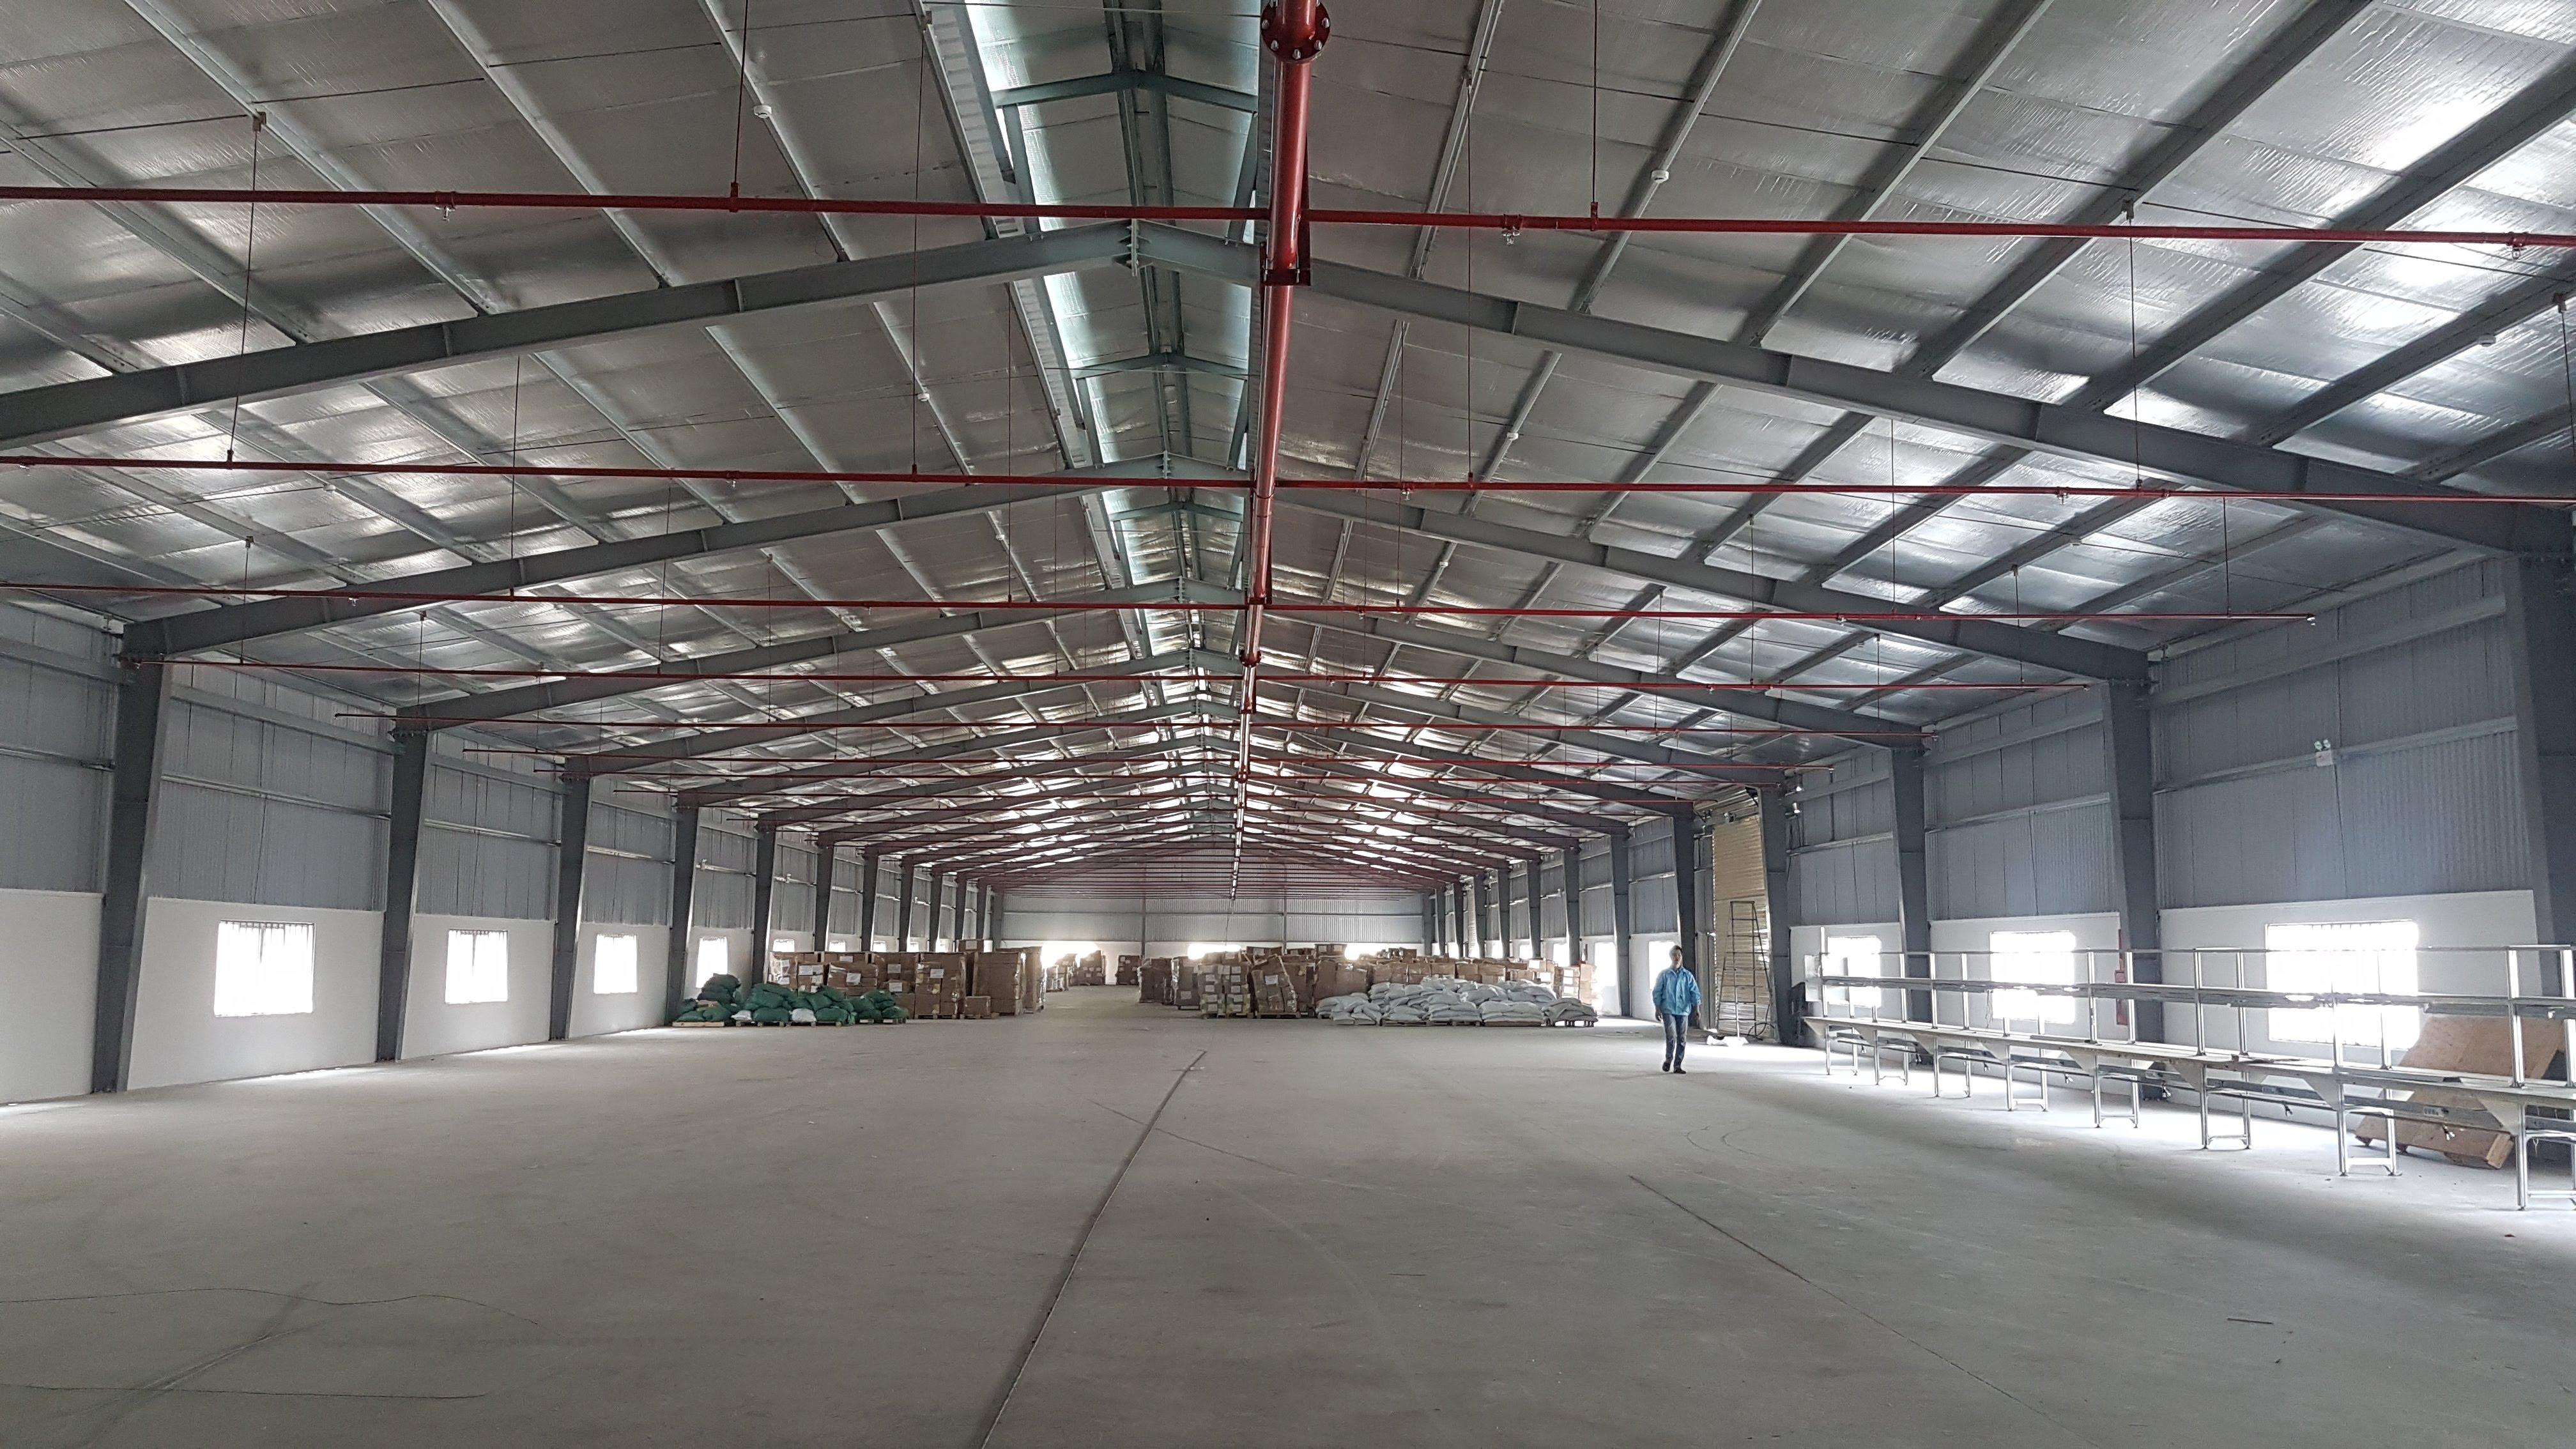 Cho thuê nhà xưởng tại Hà Nam – KCN Châu Sơn